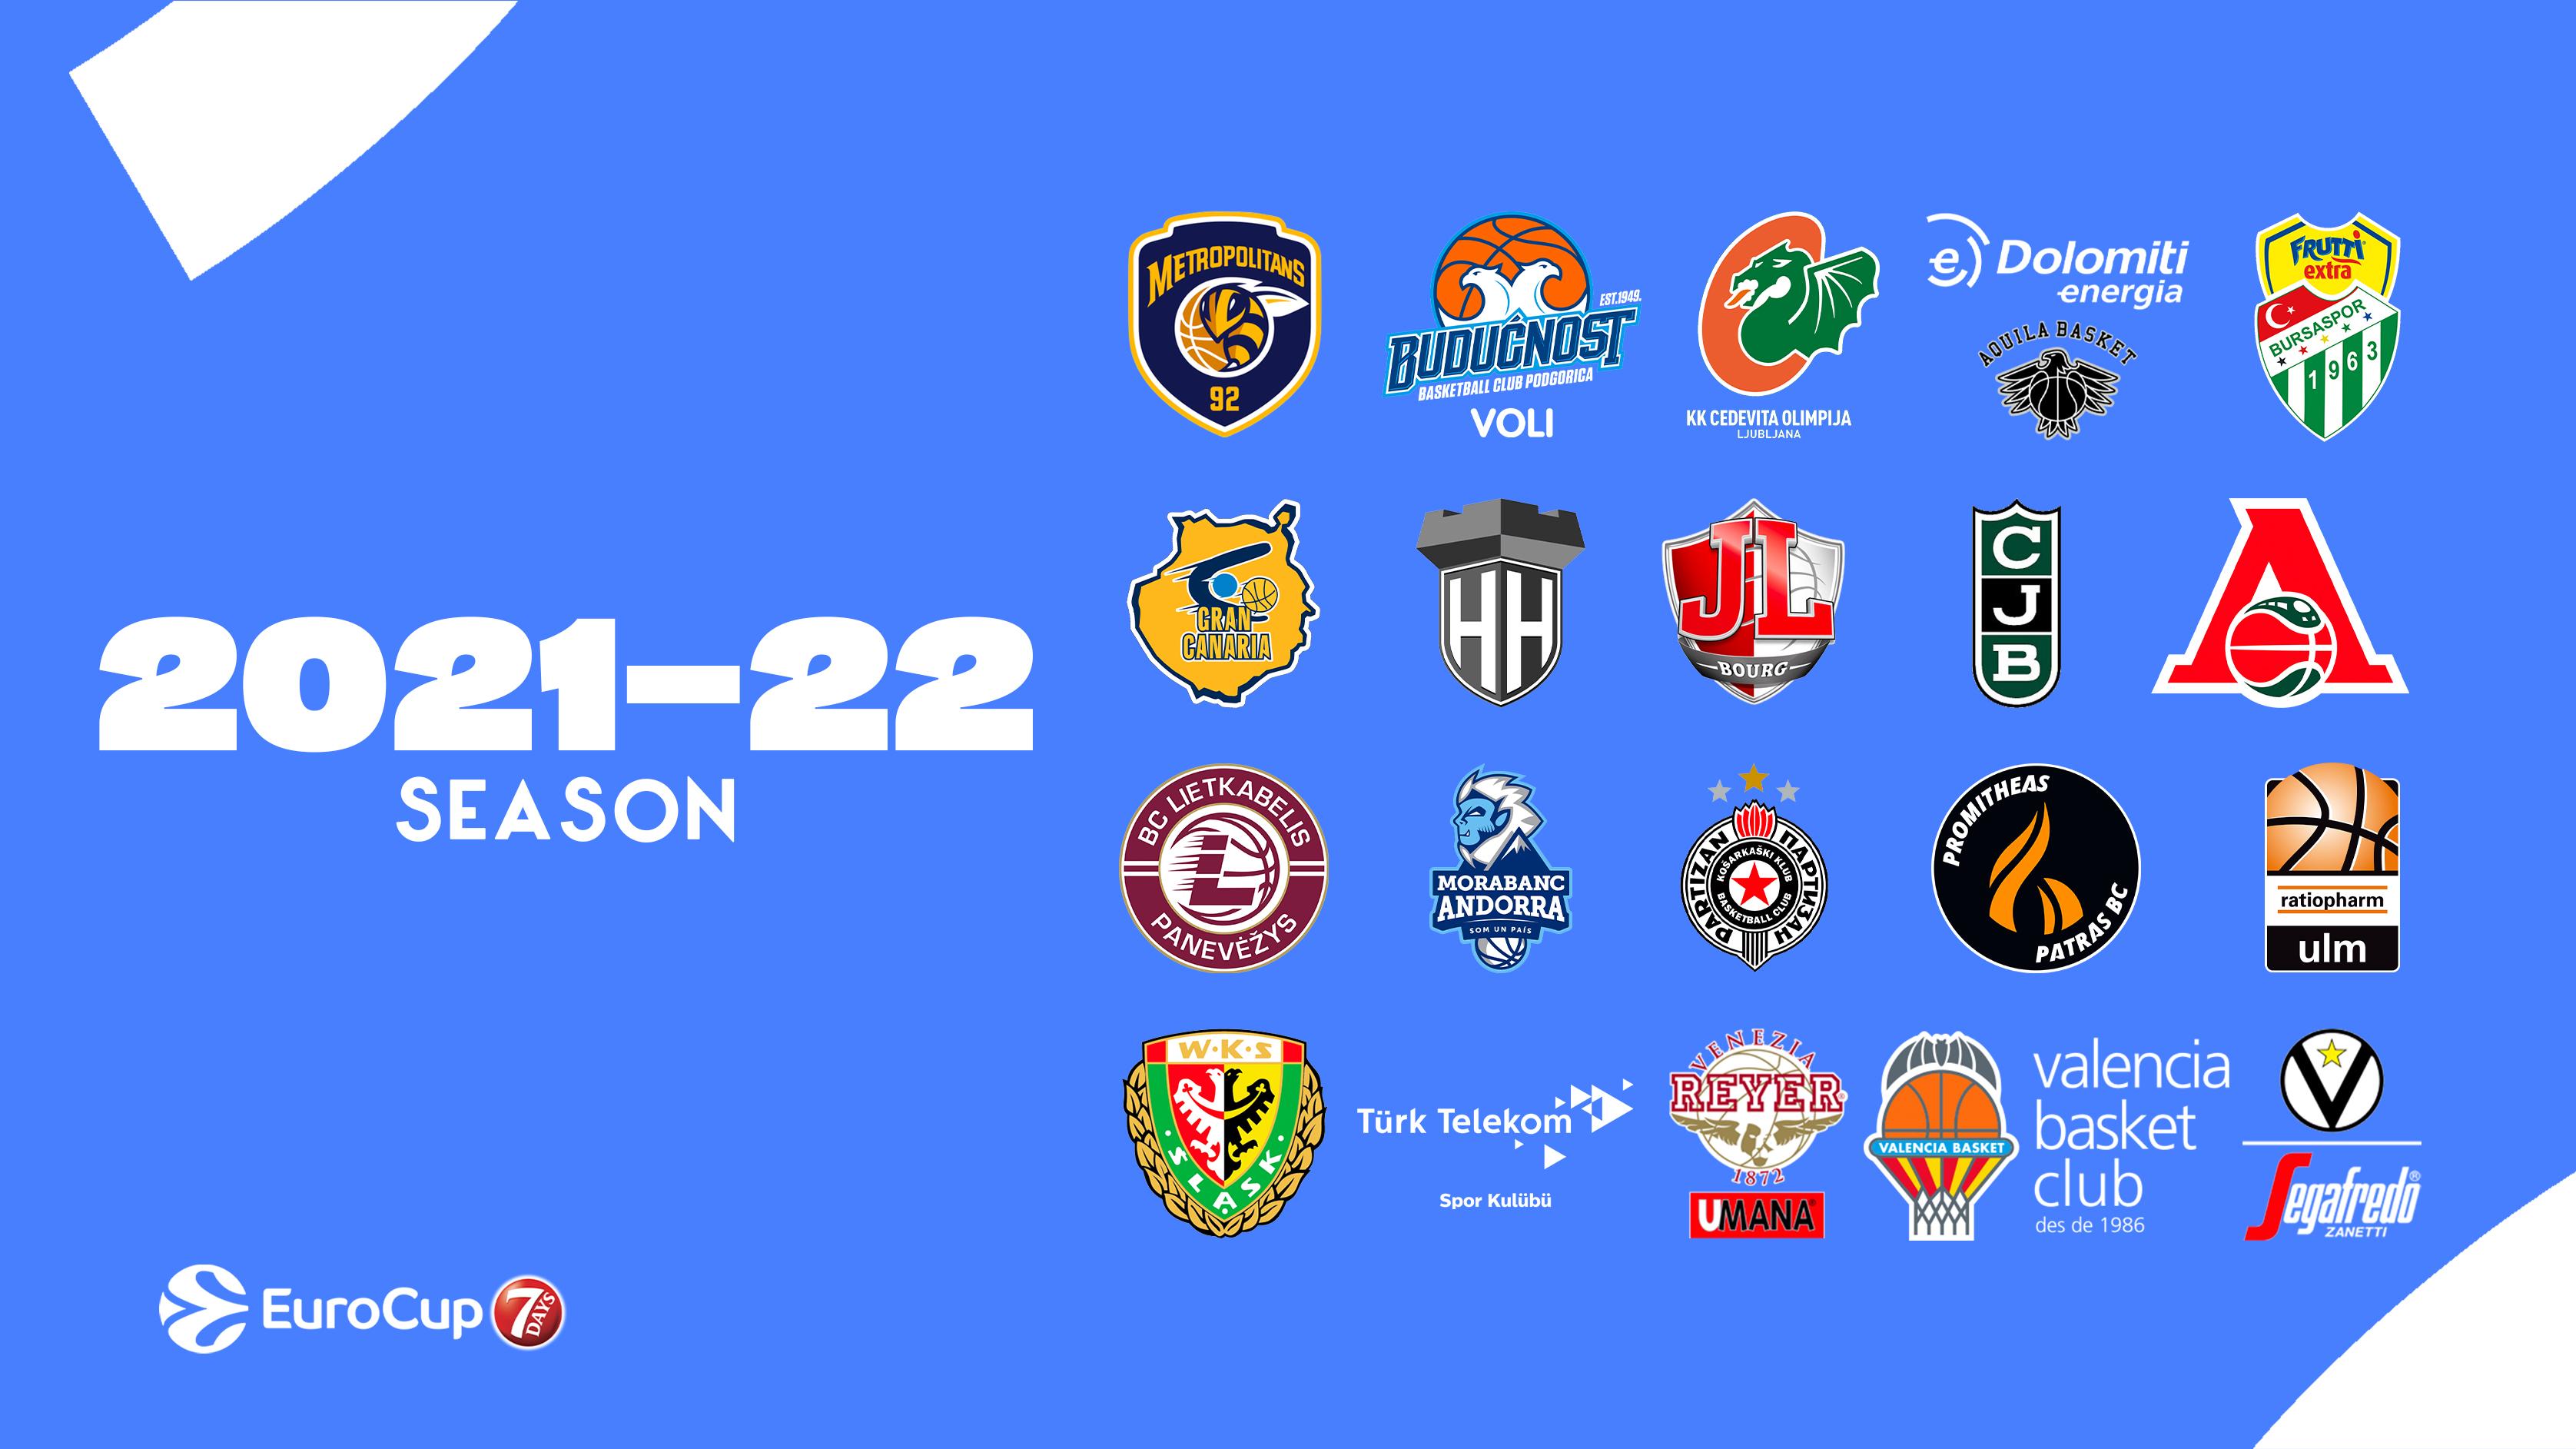 EuroCup confirma que Gran Canaria-Claret disputará la competición la próxima temporada